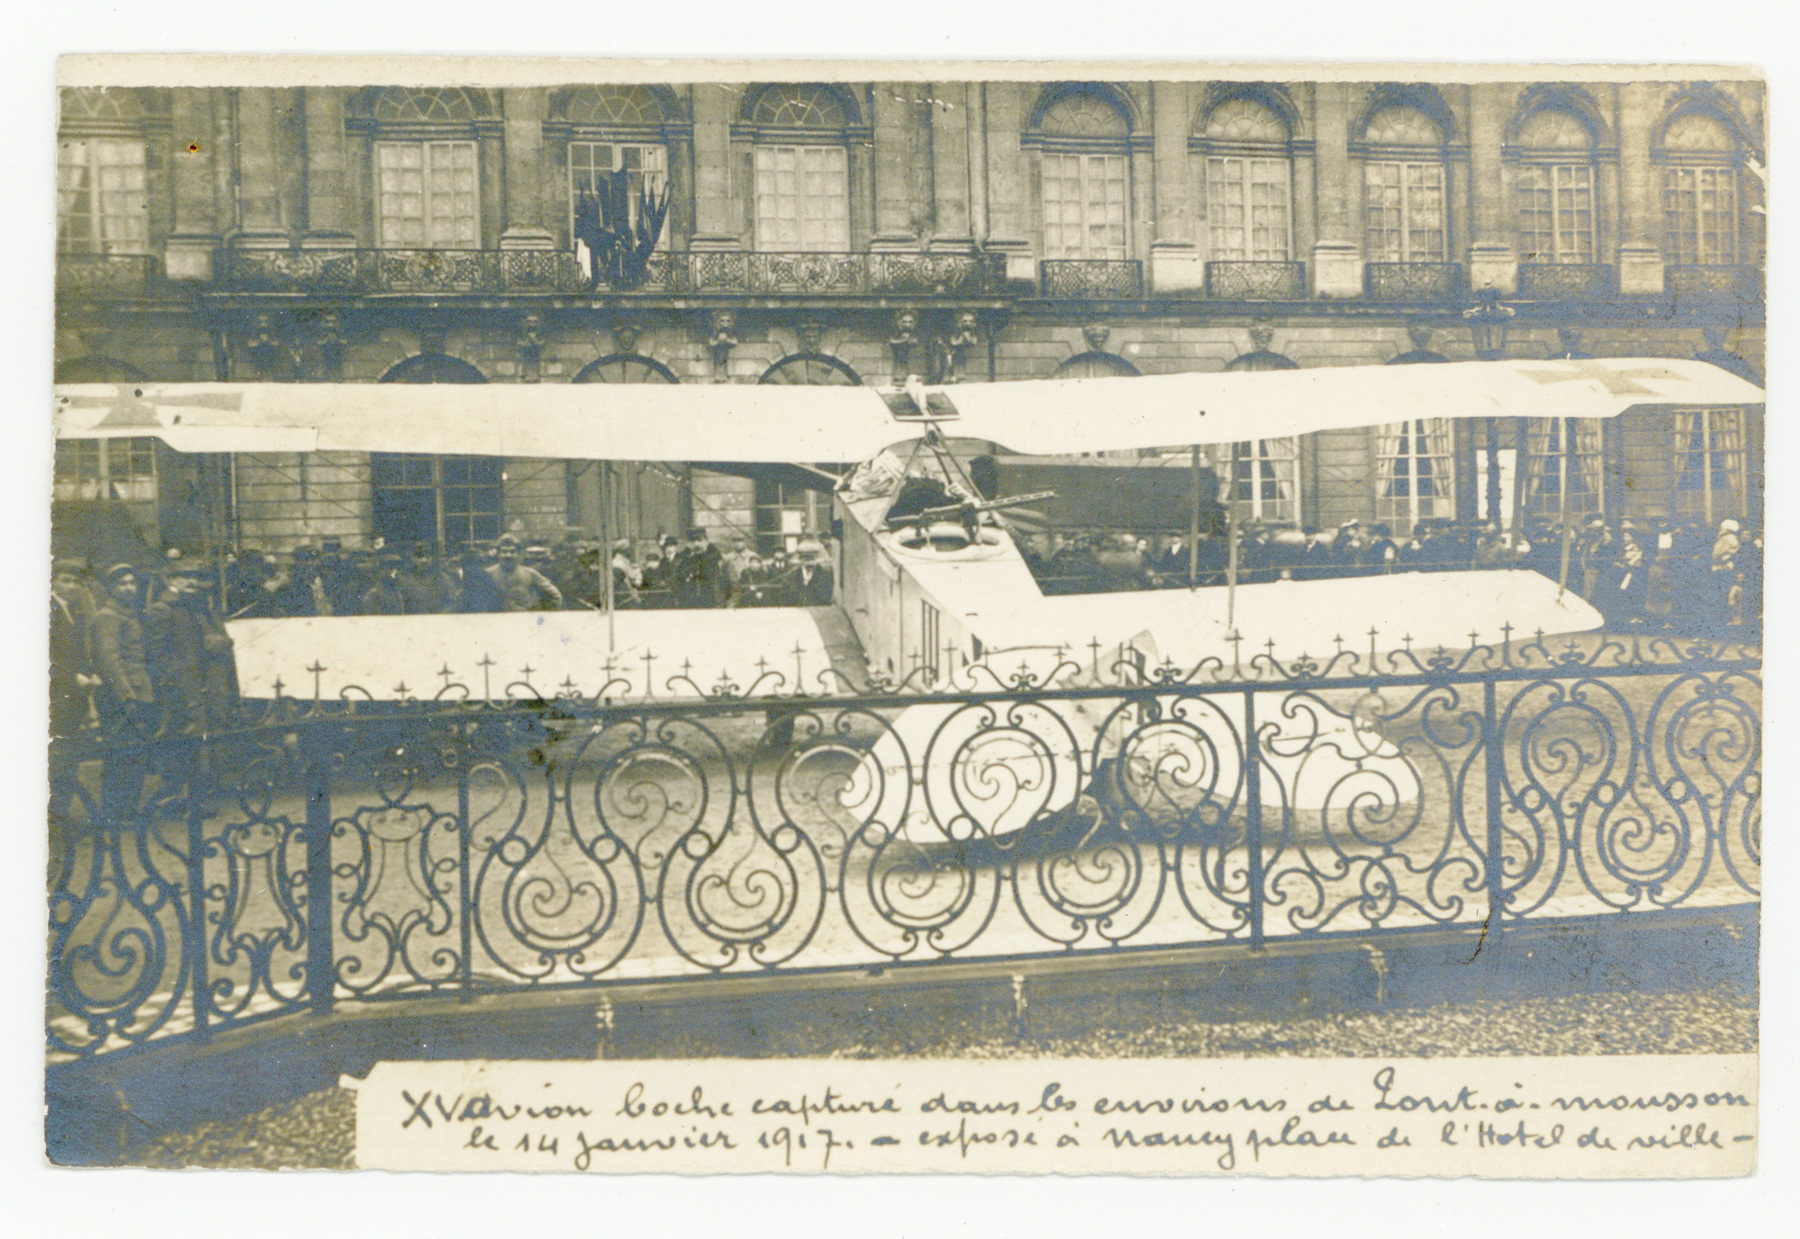 Contenu du Avion exposé place de l'Hôtel de ville, janvier 1917.